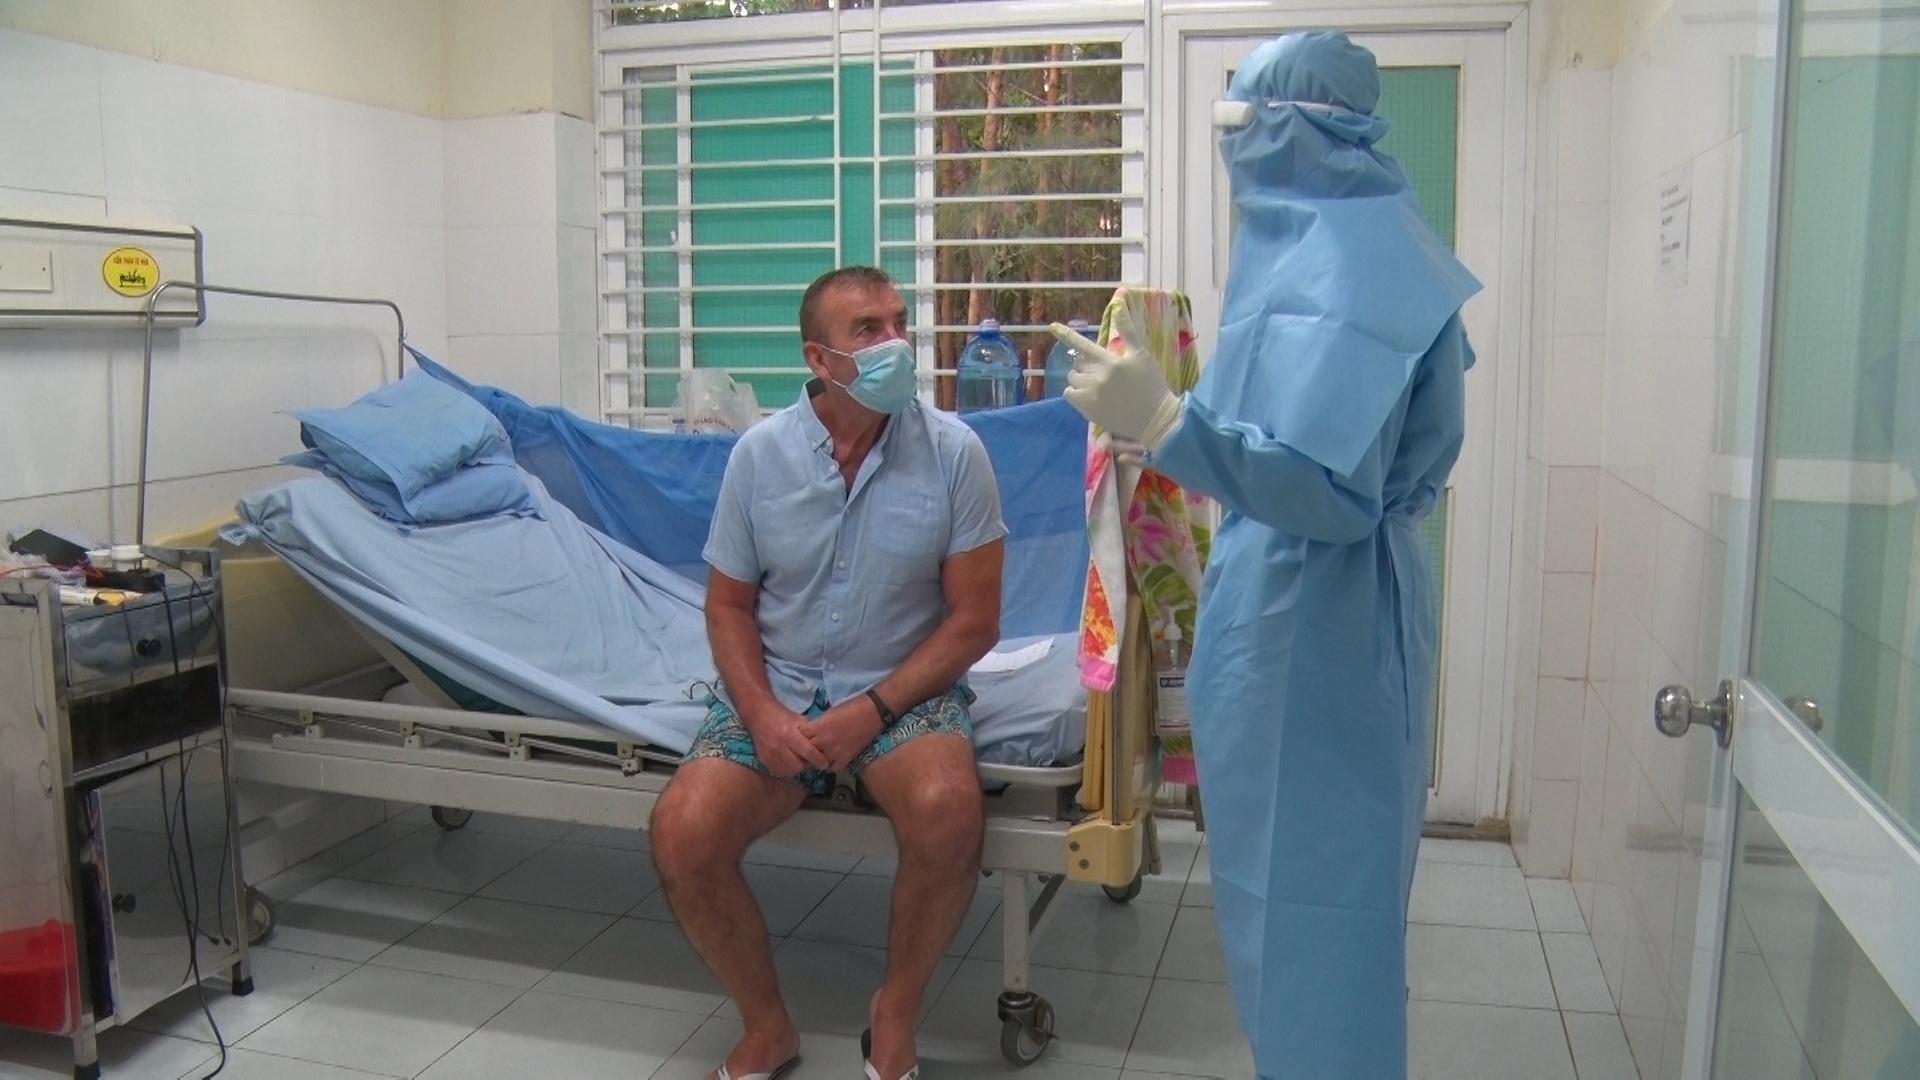 Diễn biến sức khỏe của bệnh nhân số 57 khá tốt, được theo dõi thường xuyên. Ảnh: Đ. ĐẠO